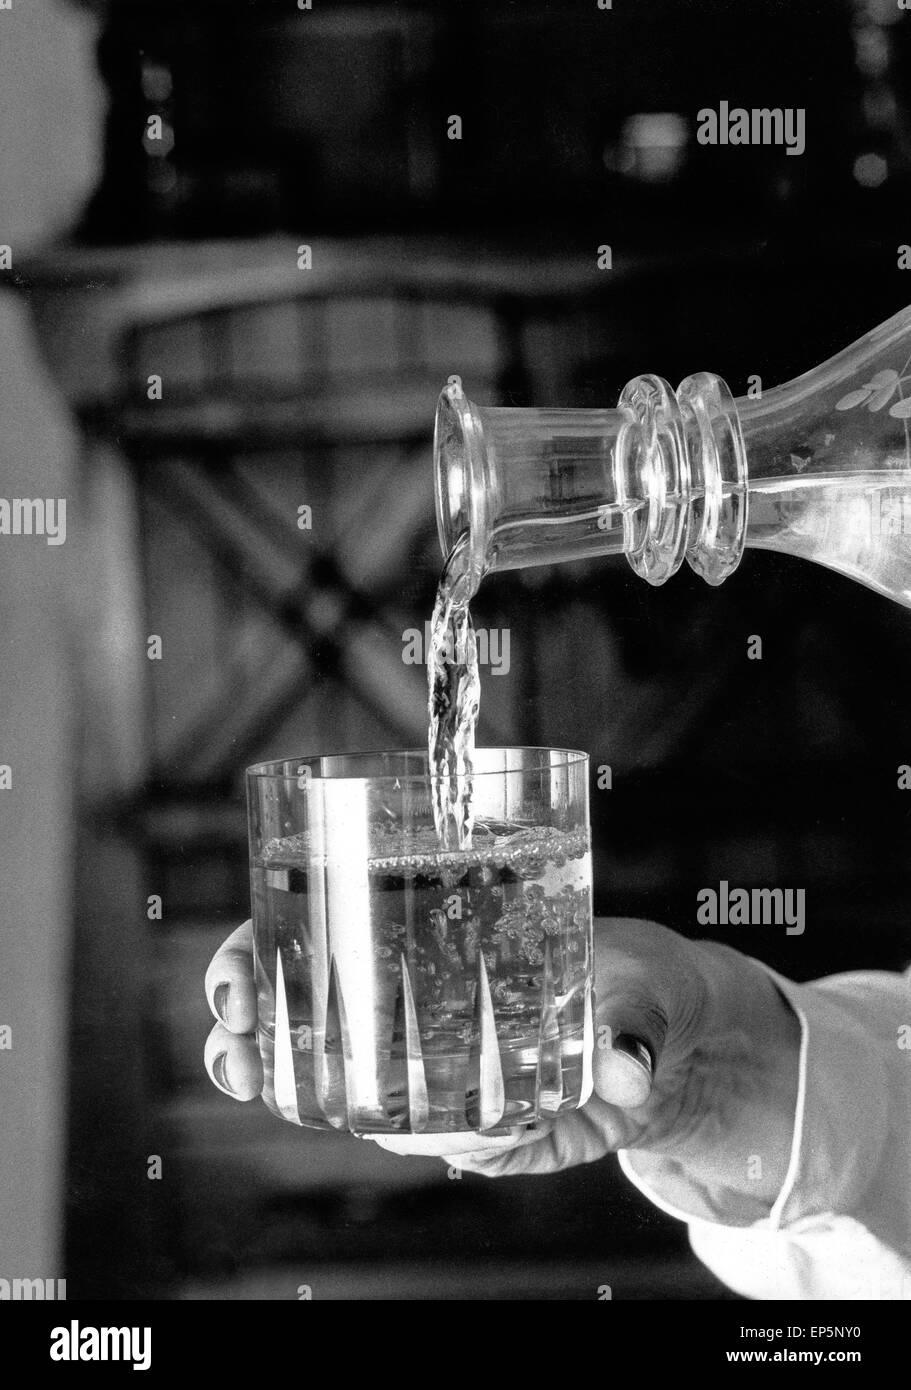 Eine Frau schenkt ein Glas Wasser ein, Deutschland 1980er Jahr. A woman puring a glass of water, Germany 1980s. - Stock Image